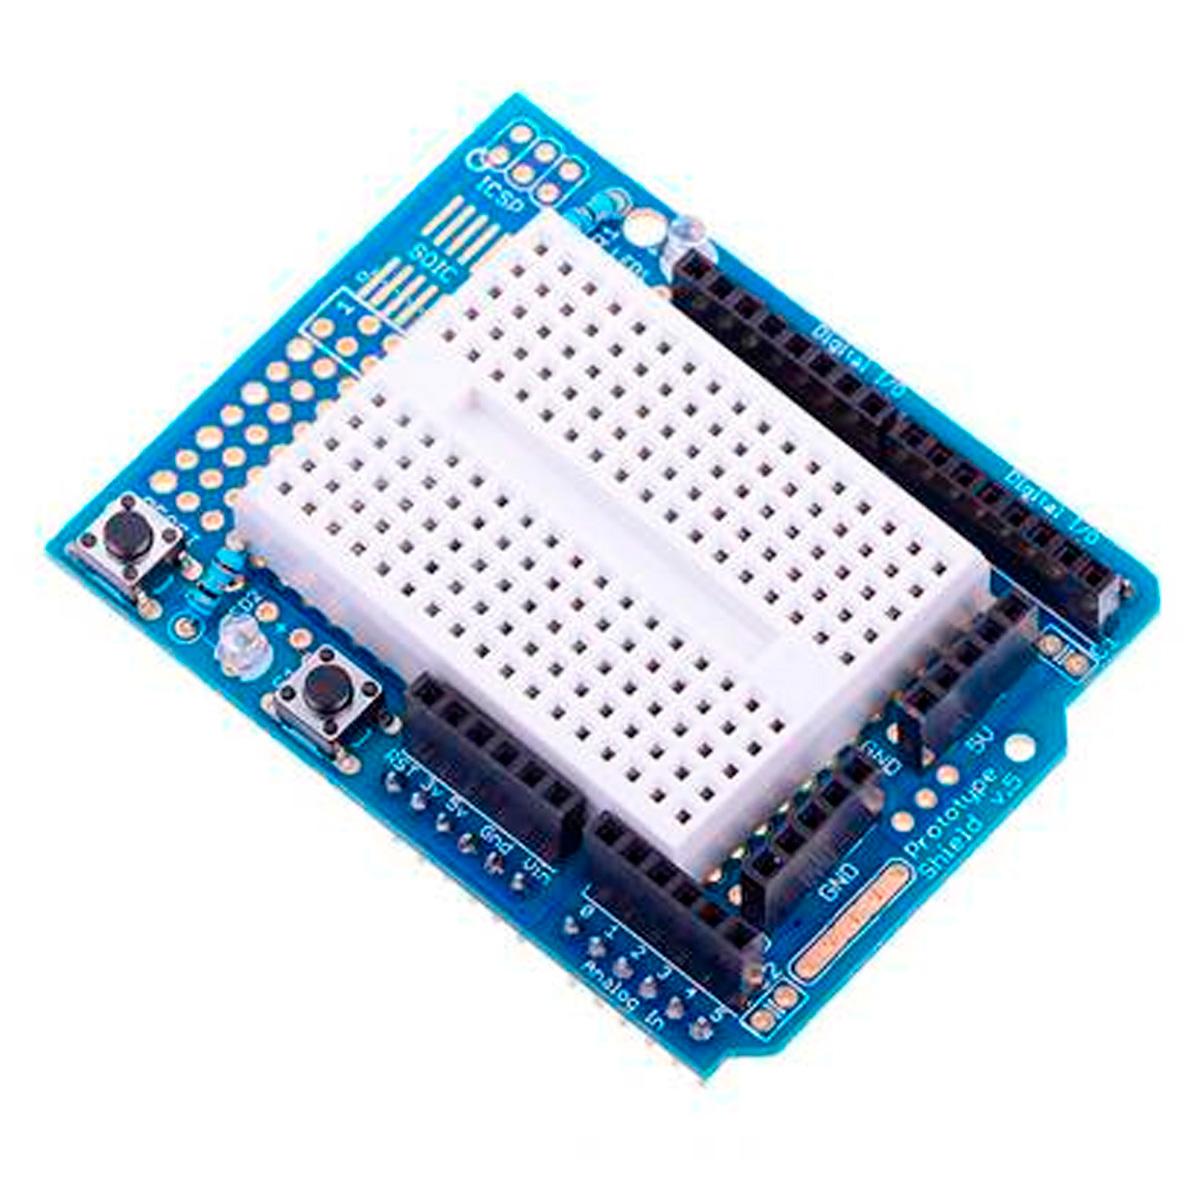 Arduino Uno Placa De Expansion Arduino Raspberry Pi